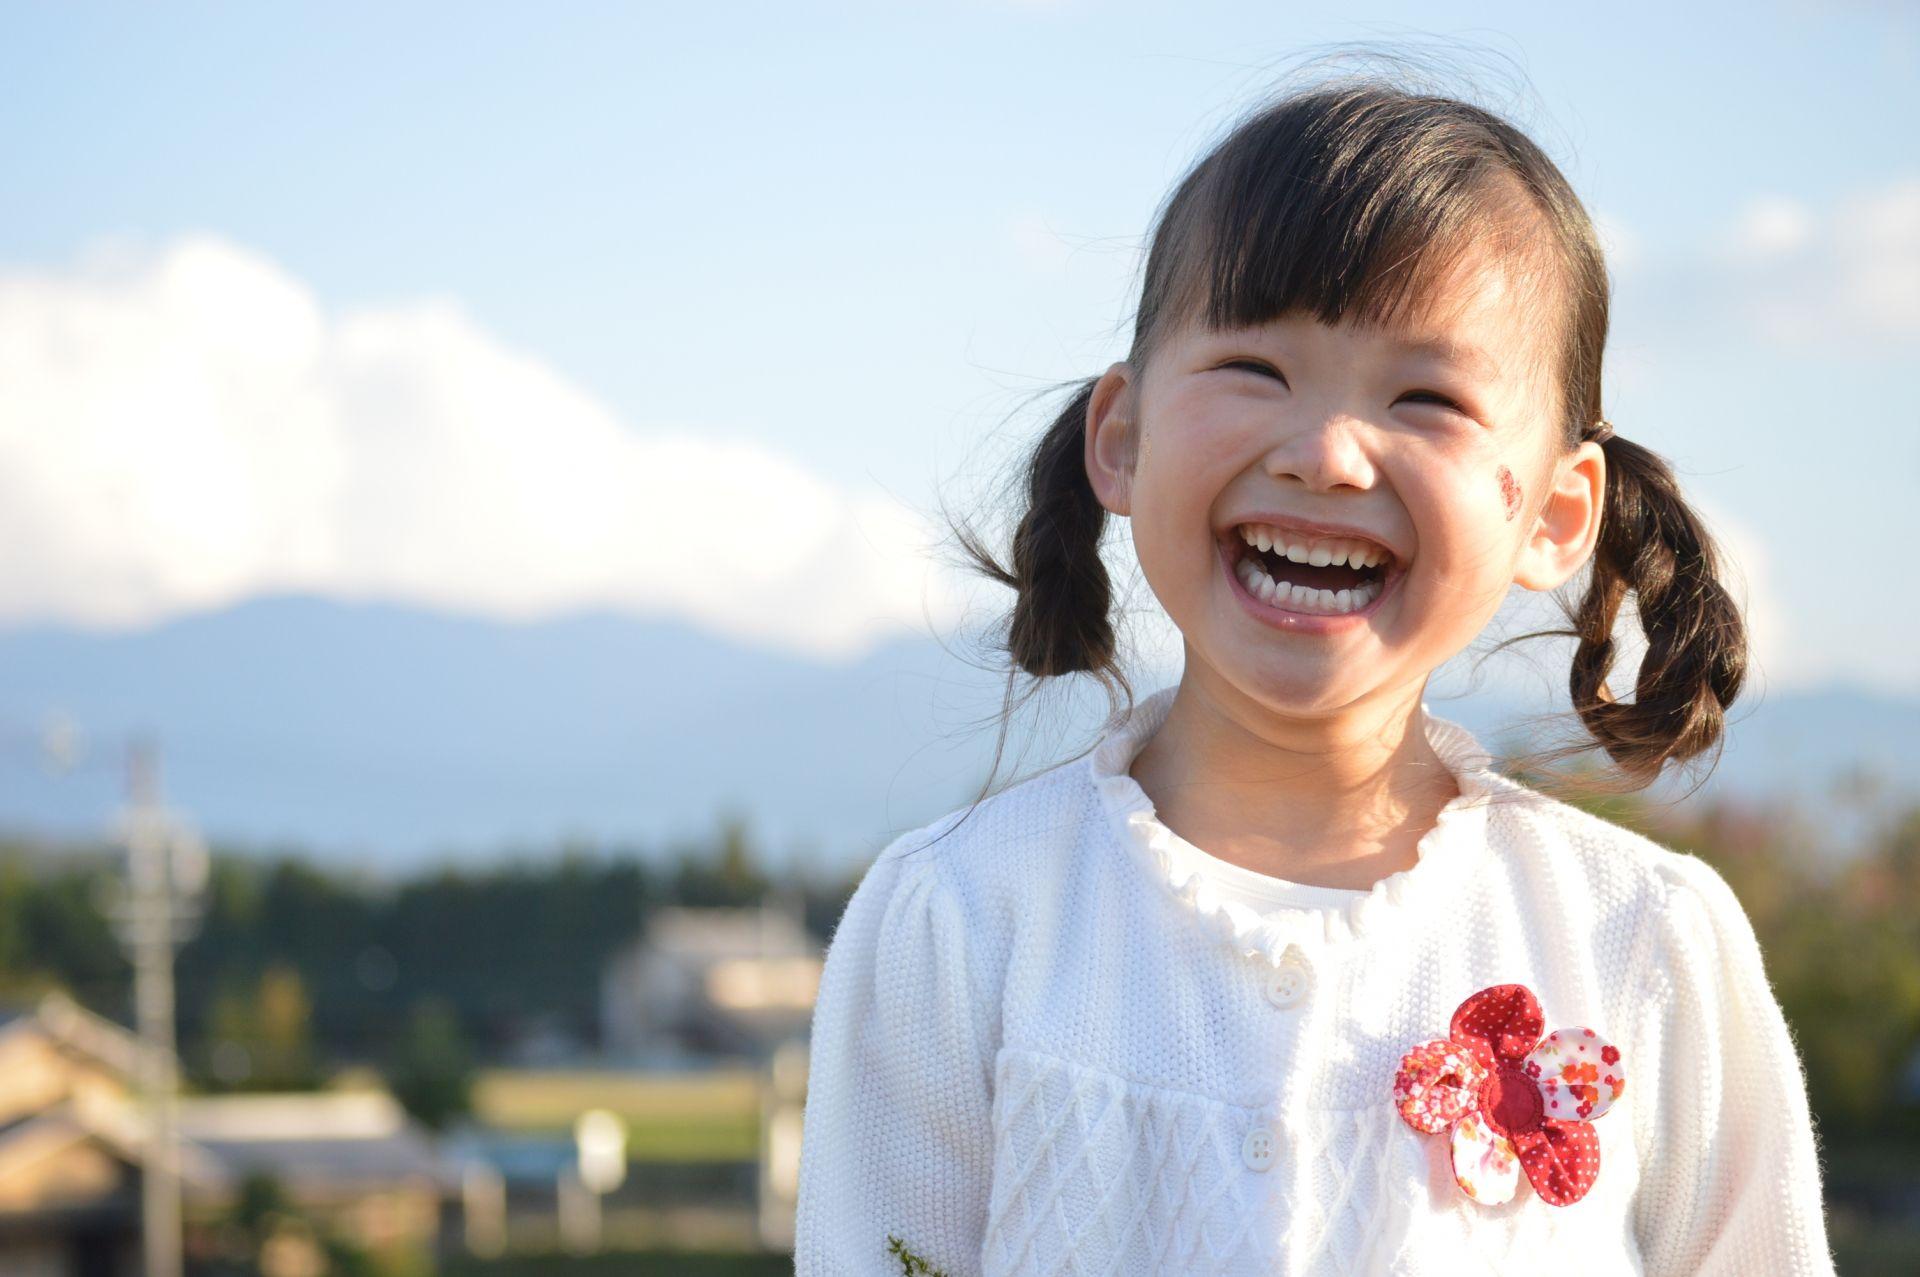 「子ども 笑顔」の画像検索結果